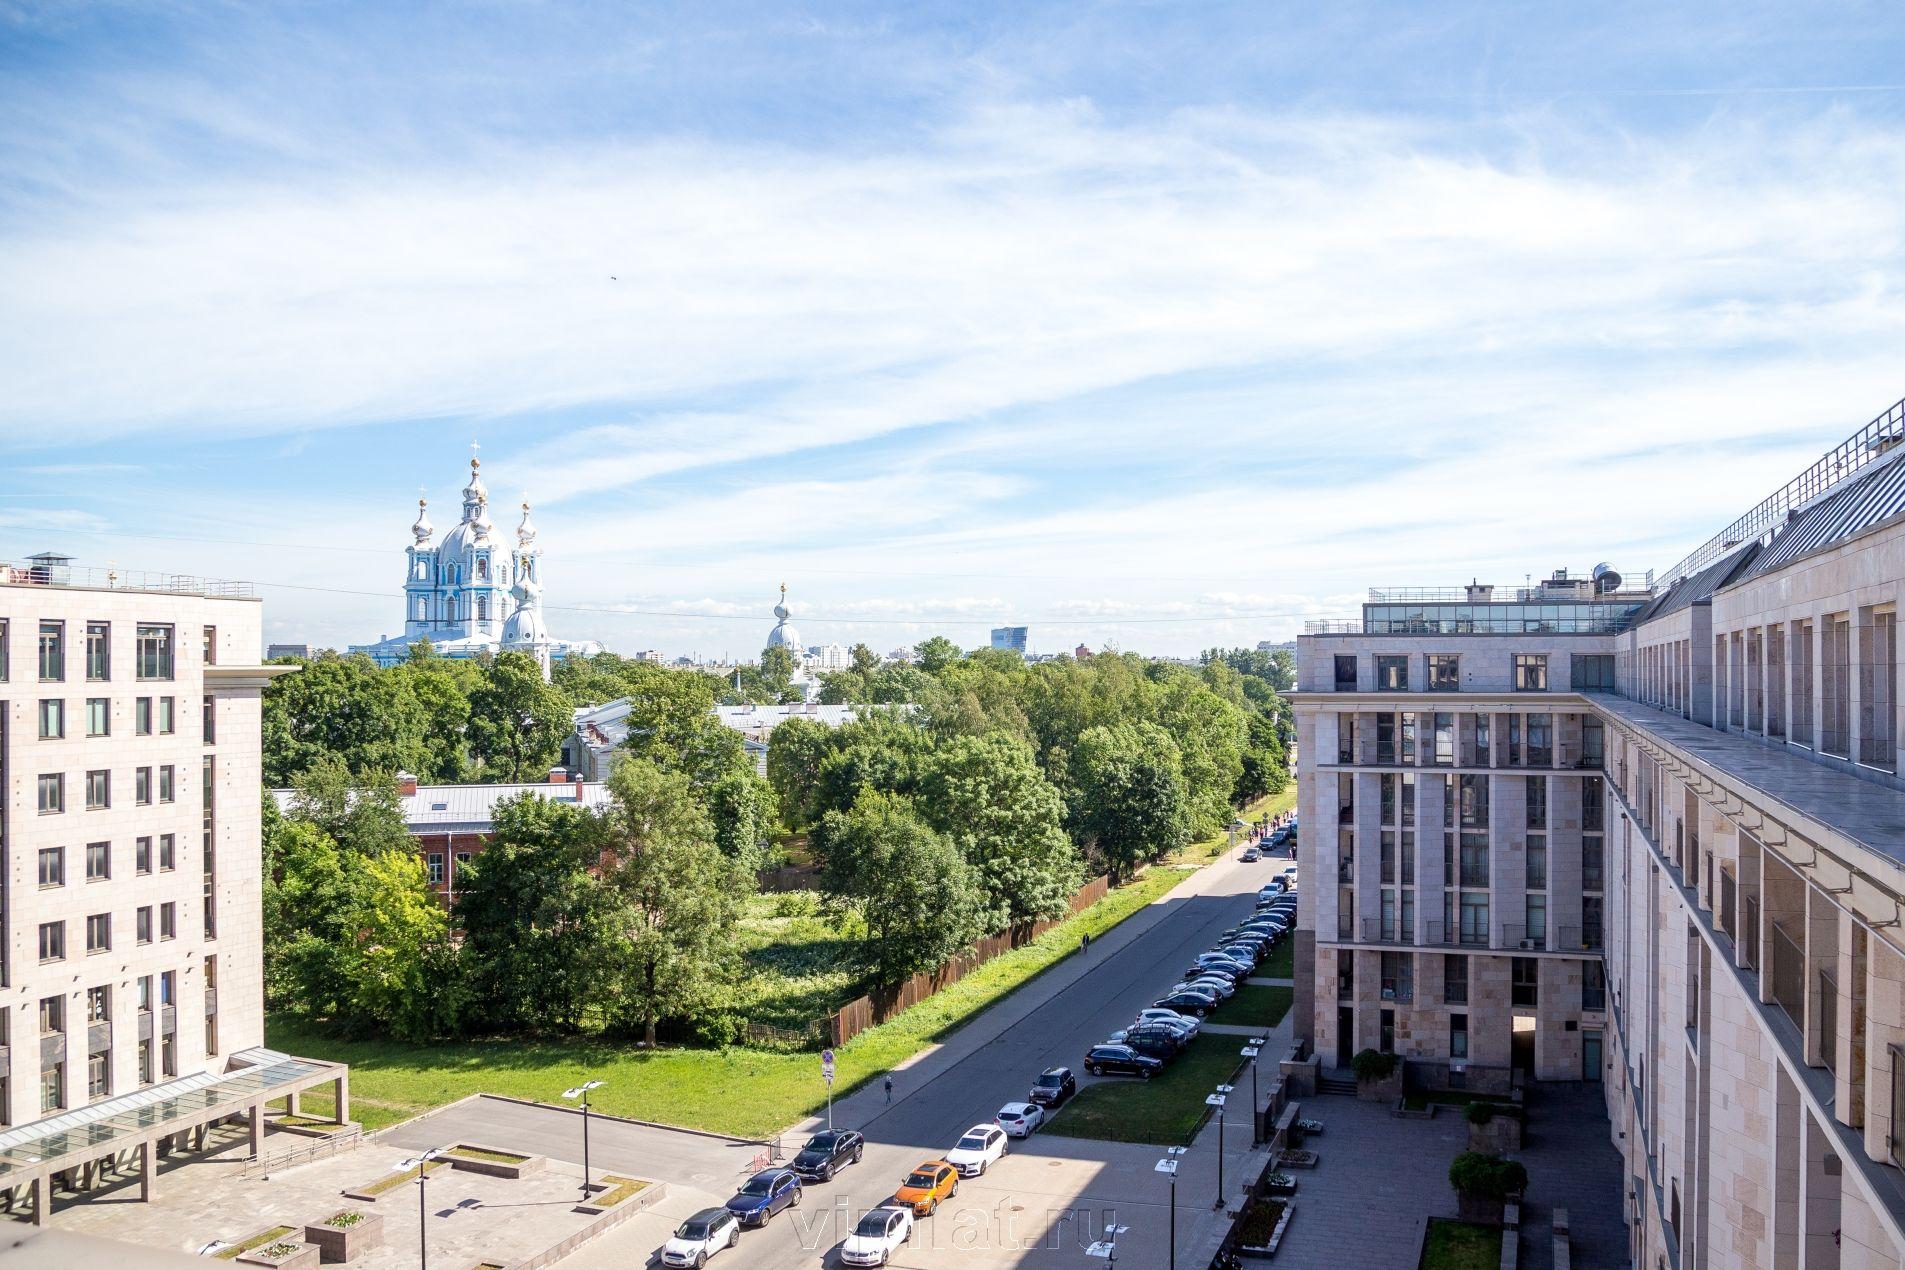 Продажа элитных квартир Санкт-Петербурга. Орловская ул, 1 Вид из окон